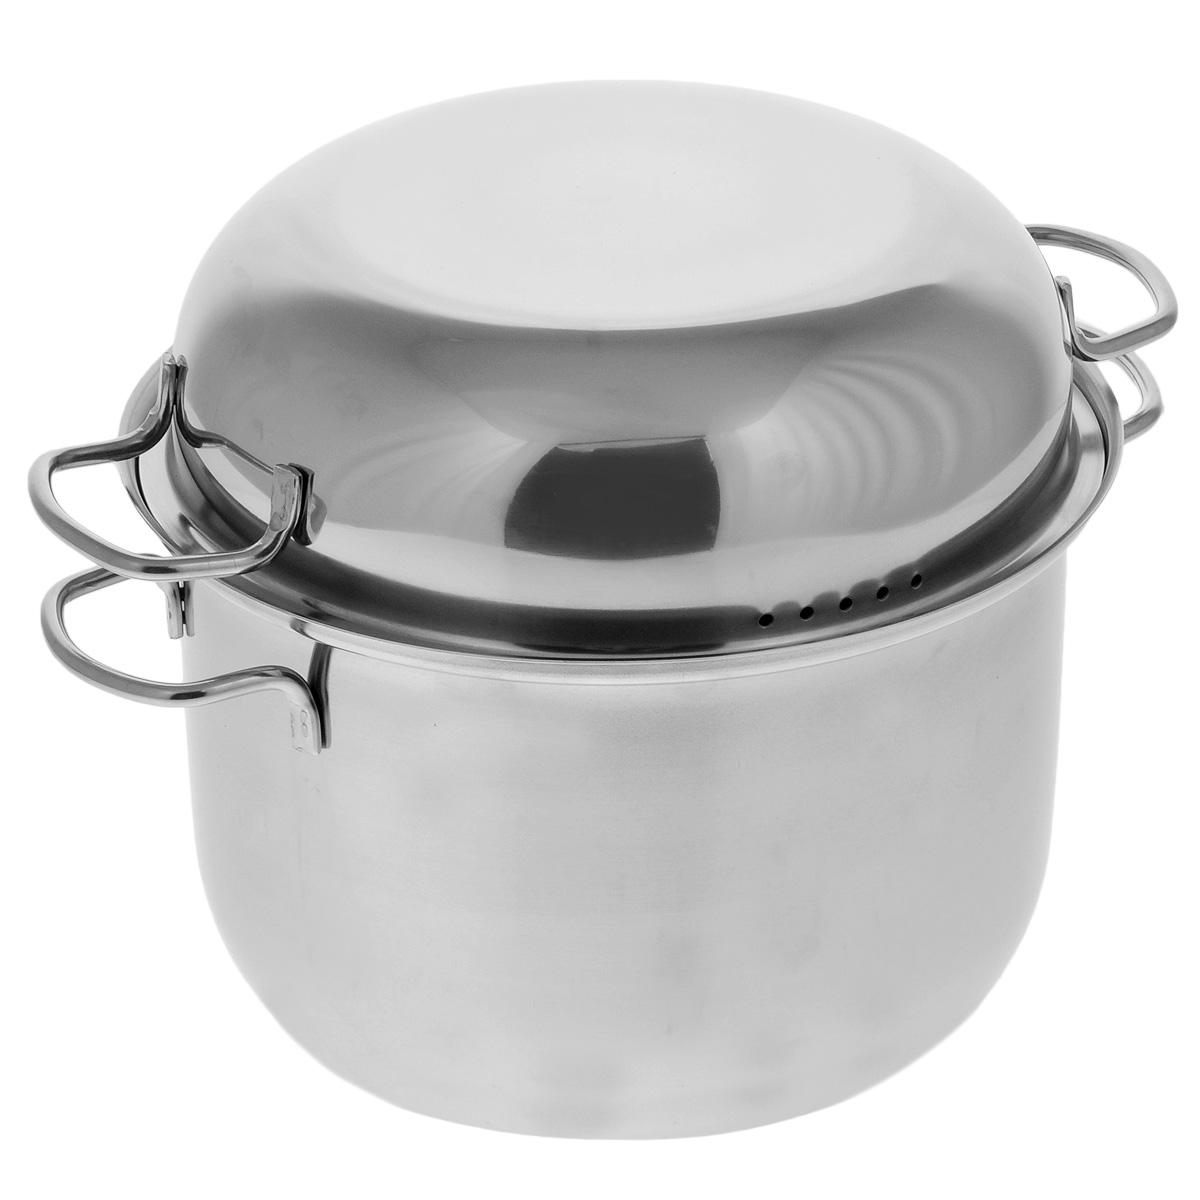 Мантоварка АМЕТ Классика с крышкой, 2 яруса, 5 лCARE C24Мантоварка АМЕТ Классика предназначена для приготовления диетических блюд на пару, в частности - мантов. Изделие гигиенично и безопасно для здоровья. Нержавеющая сталь обладает малой теплопроводностью, поэтому посуда из нее остывает гораздо медленнее, чем любой другой вид посуды, а значит, приготовленное в ней более длительное время остается горячим. Мантоварка укомплектована двумя решетками с ручками из нержавеющей стали на ножках и крышкой. Крышка плотно прилегает к краю мантоварки, сохраняя аромат блюд. Крышка оснащена двумя удобными ручками и отверстиями для выпуска пара. Подходит для газовых и электрических плит. Можно мыть в посудомоечной машине. Высота стенки: 15 см. Толщина стенки: 0,3 см. Толщина дна: 0,3 см. Ширина с учетом ручек: 30,5 см. Диаметр решетки: 20,5 см. Высота мантоварки (с учетом крышки): 21,5 см.